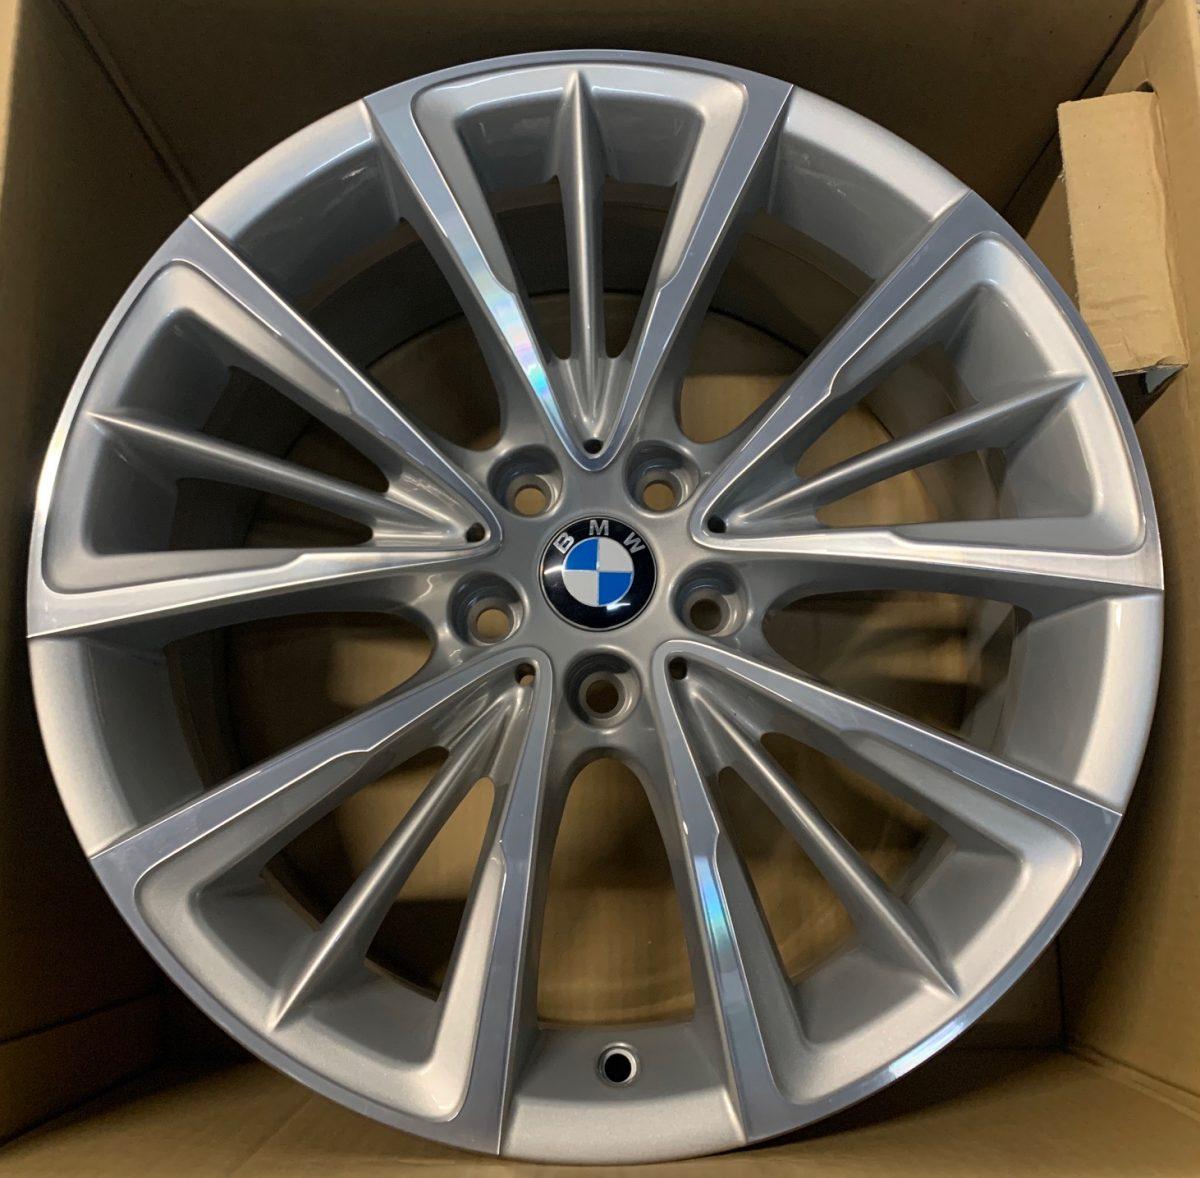 Gyári alufelni BMW G30 (643styl) 8X18 ET30 alufelni 1